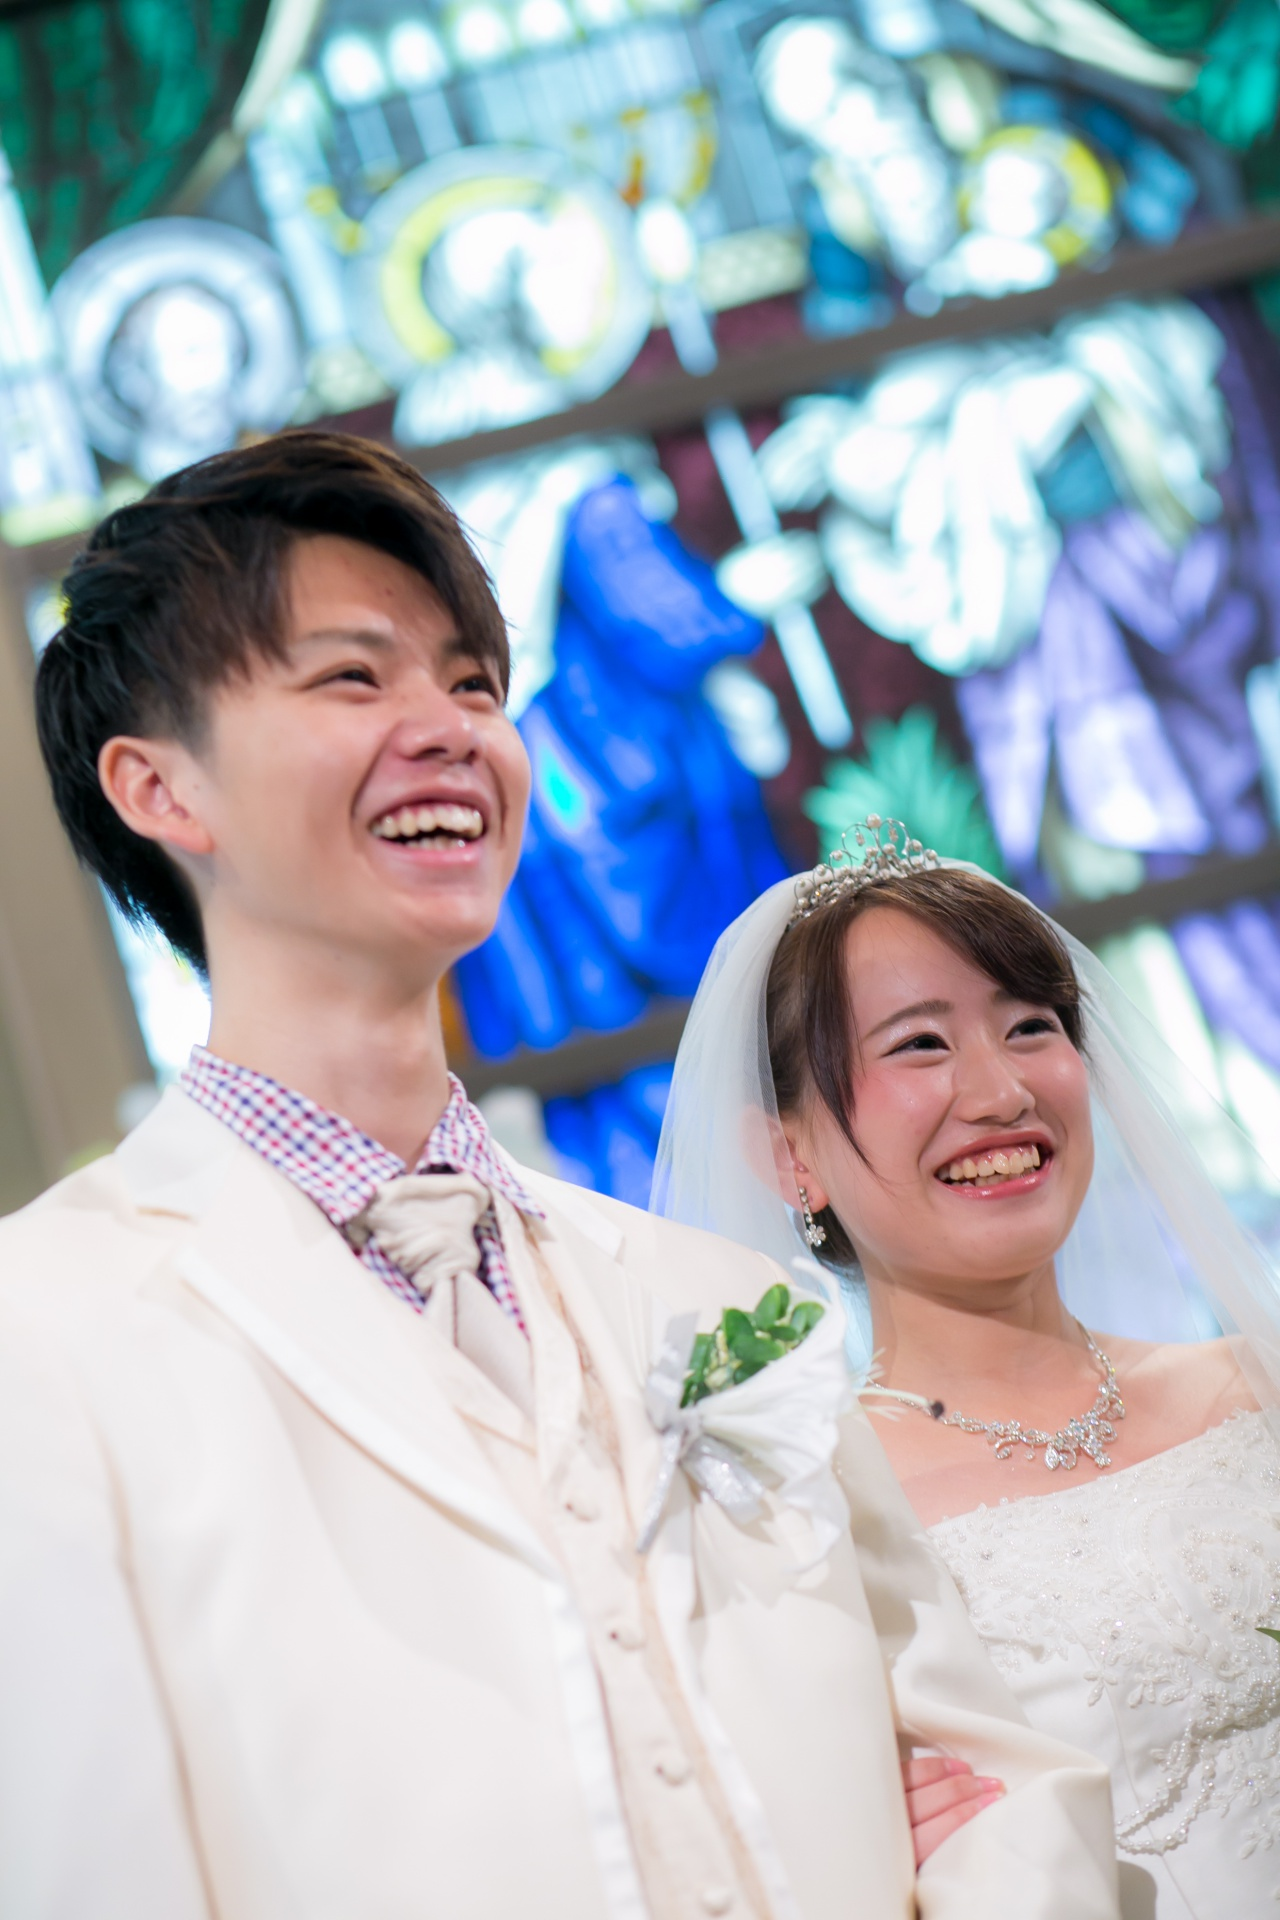 5893e6deefaf2 Meicanのブライダルビジネス学科では、学生たちで役割を分担しアイデアを出し合って結婚式を本格的にプロデュース!